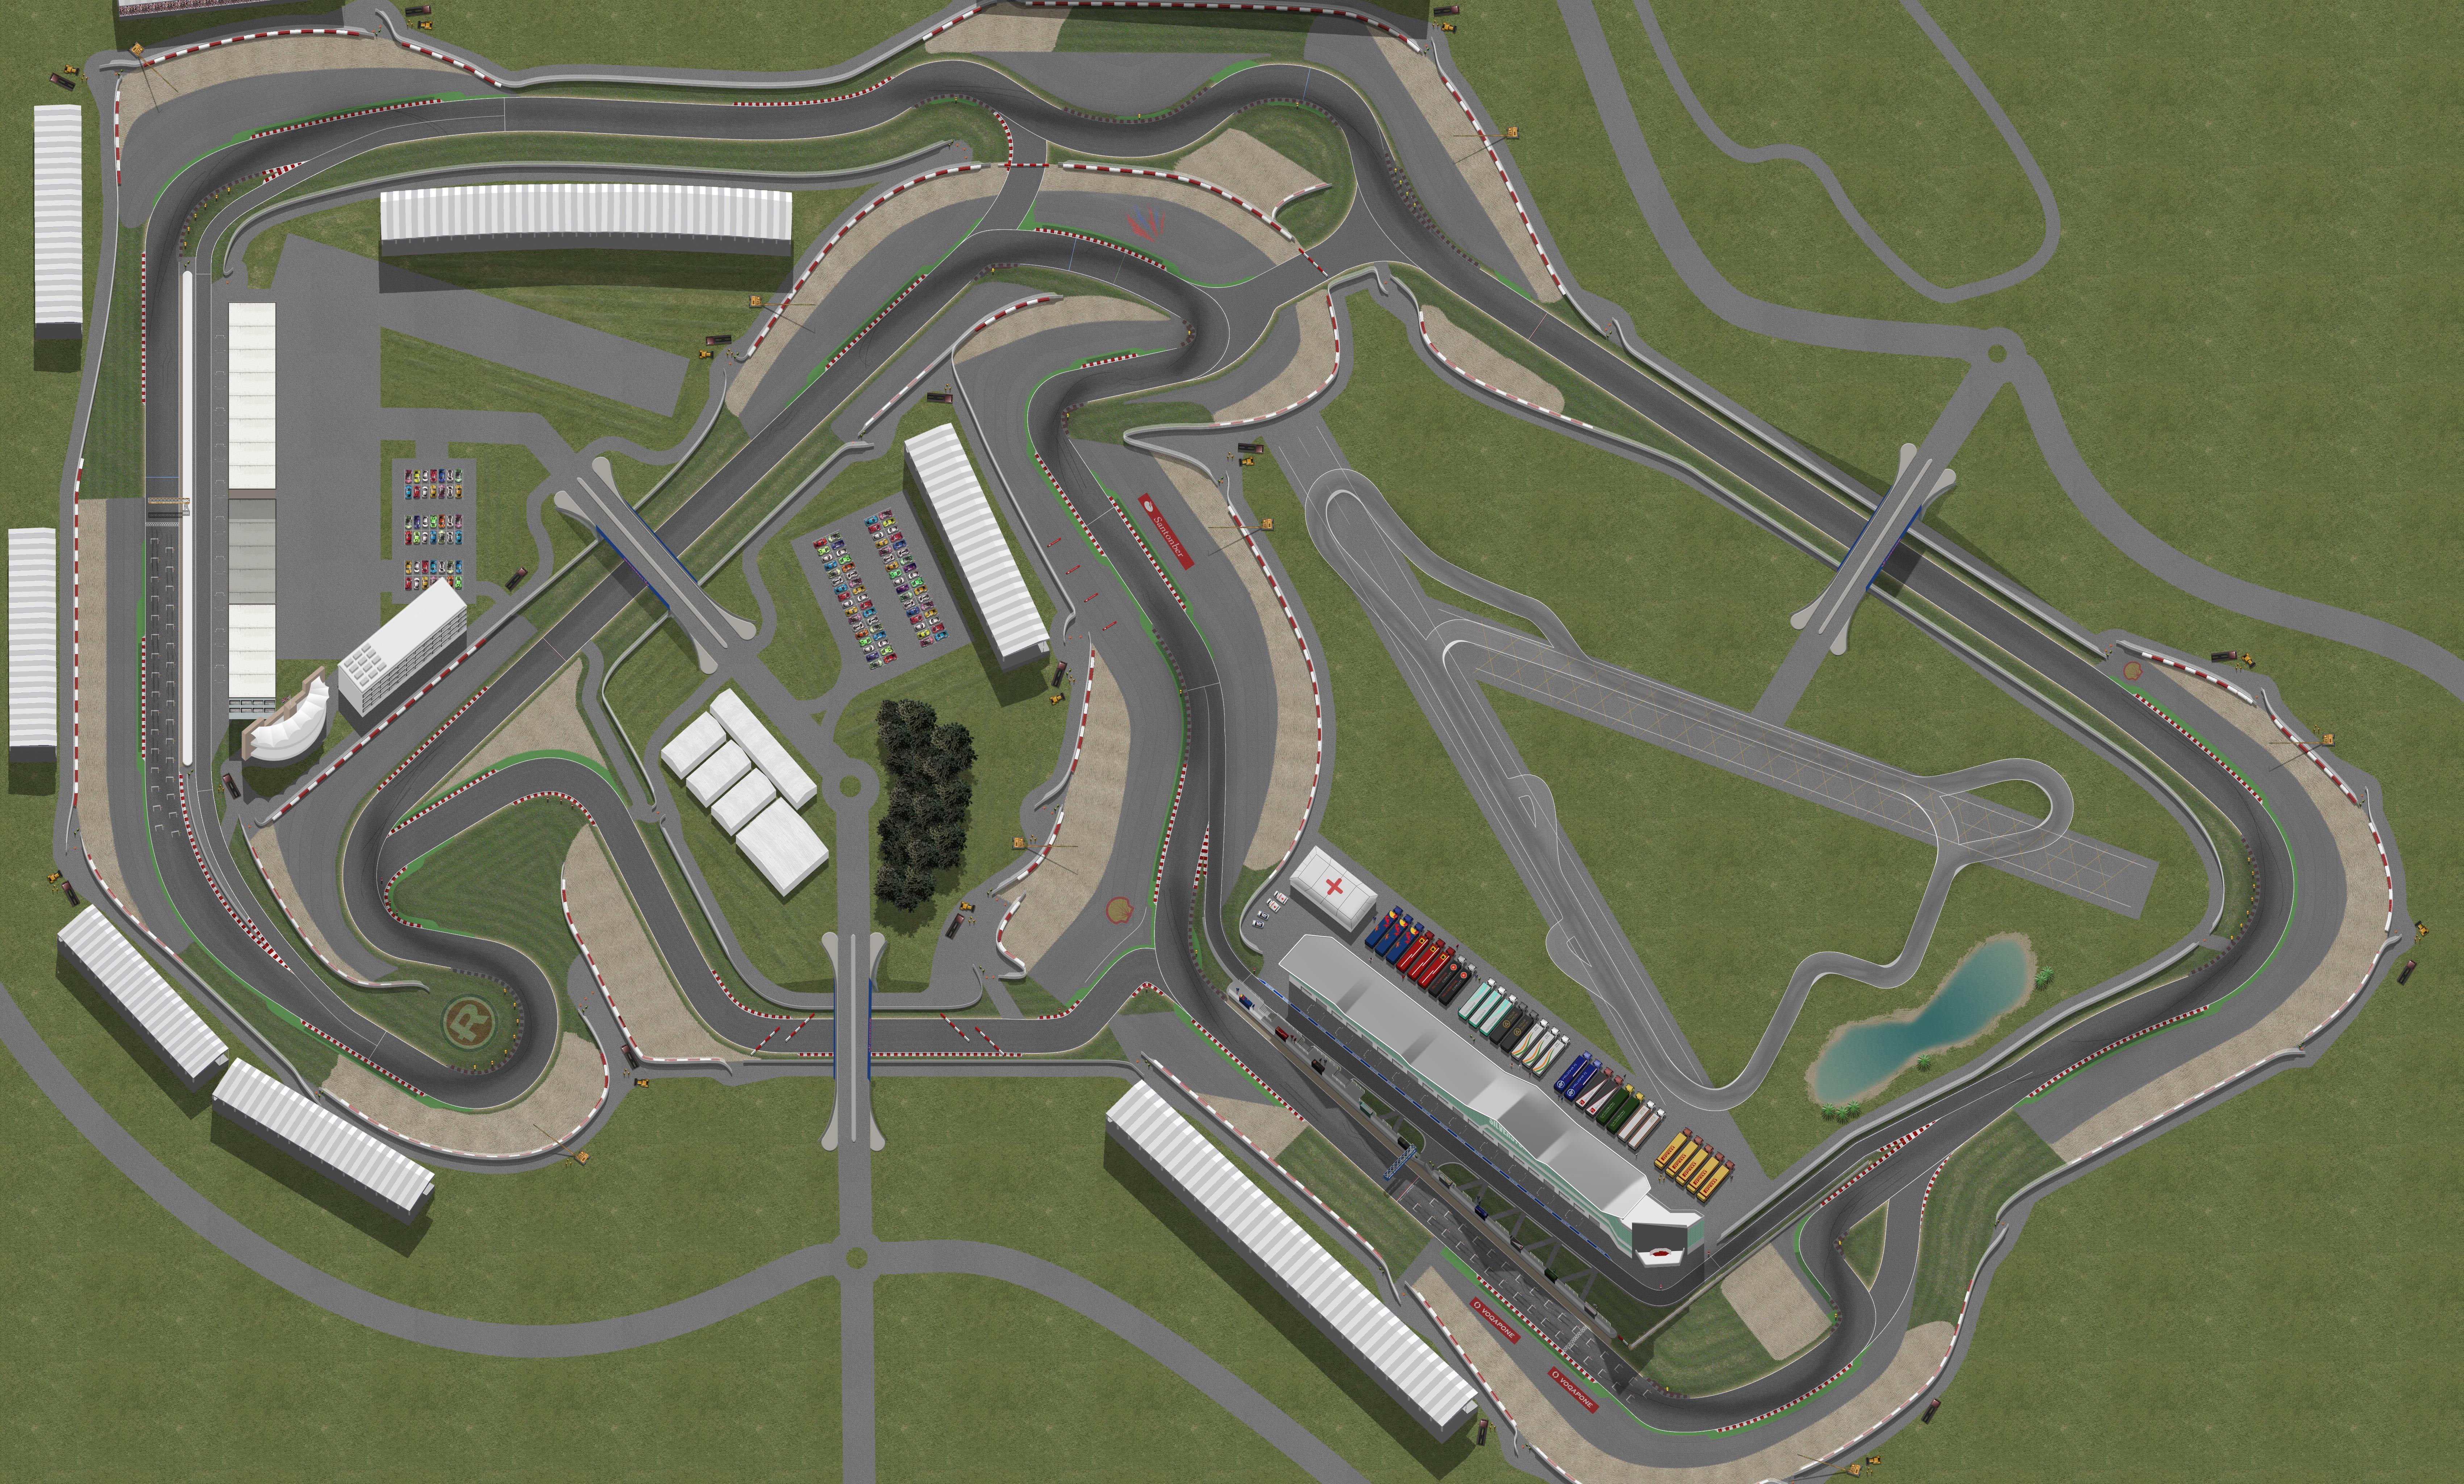 Circuito Algarve : Onracer circuito algarve autodromo de portimão